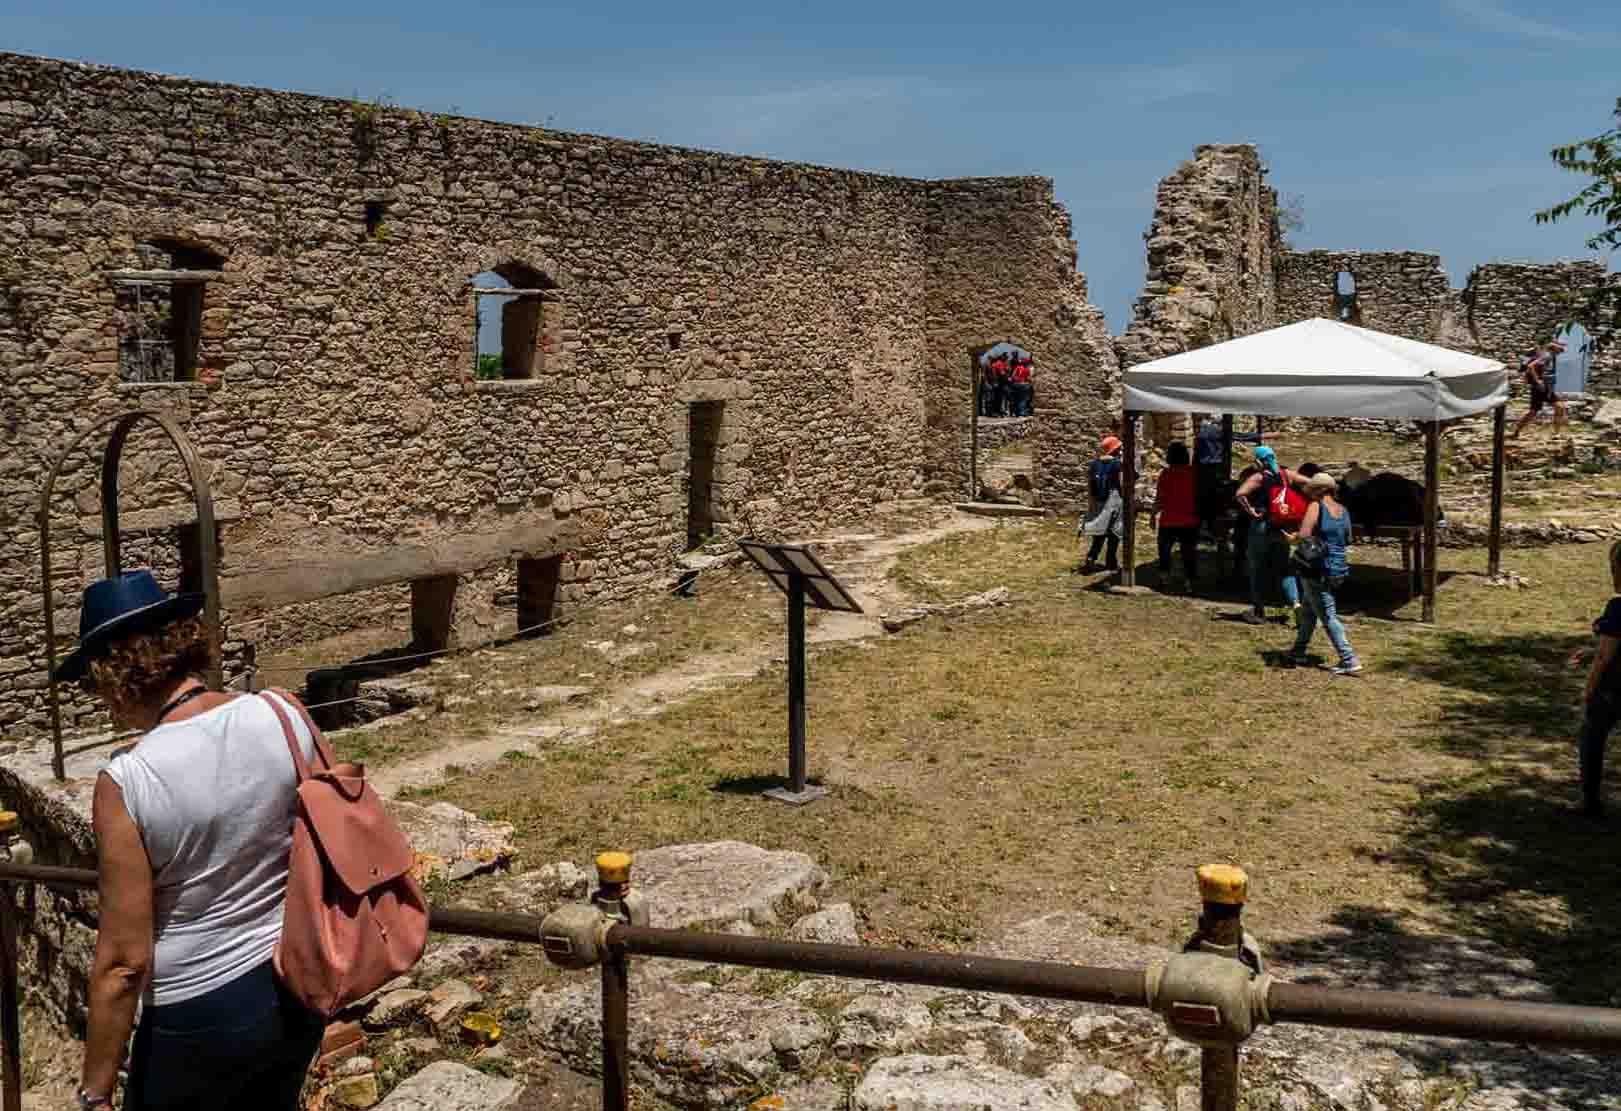 3 Days Trips to Sicily - Palermo Trapani Erice Tour 6